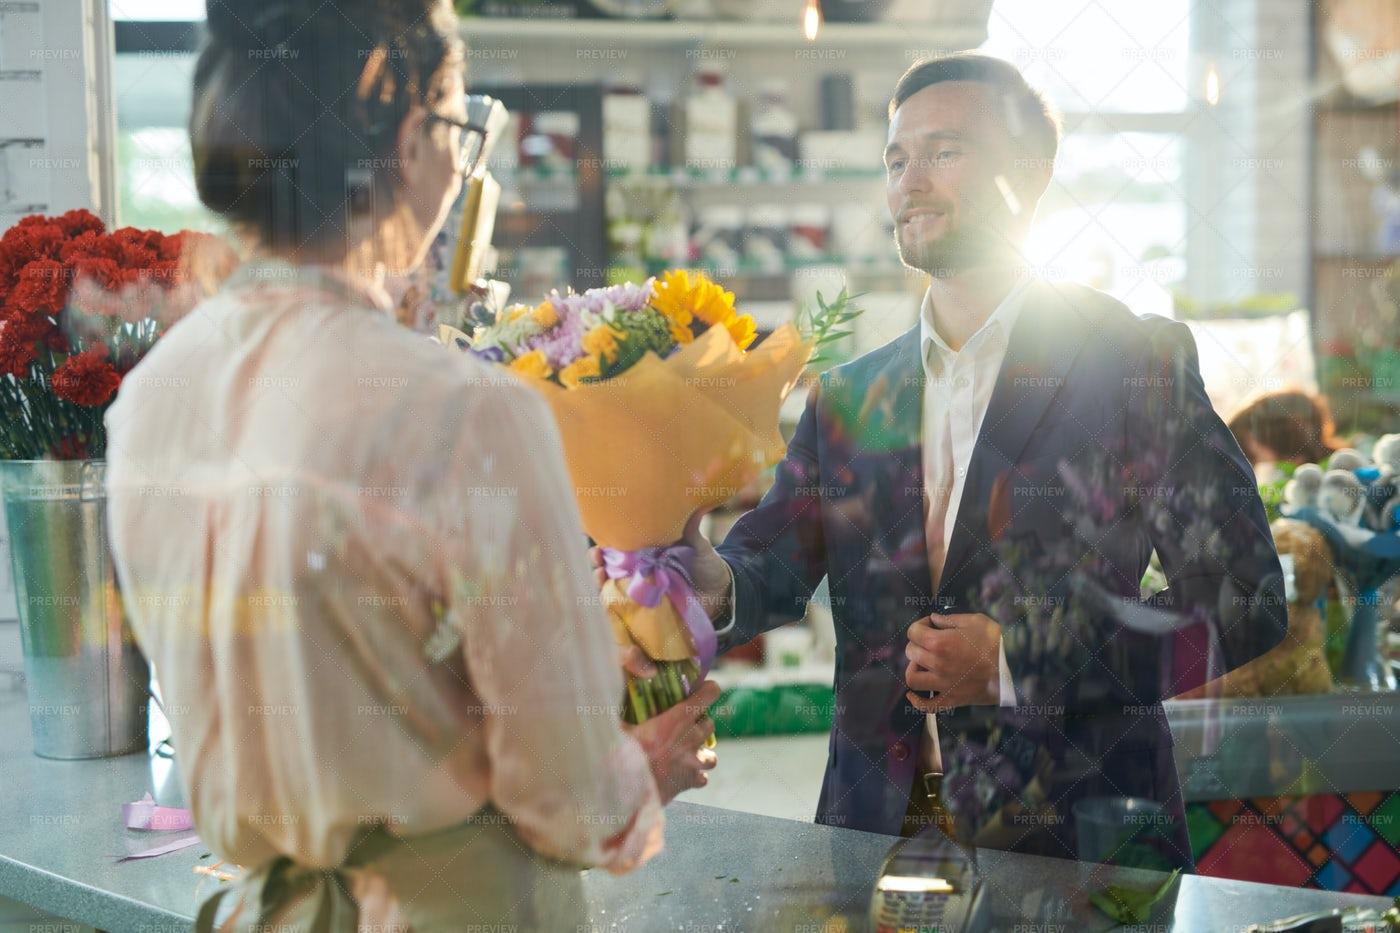 Gentleman Buying Flowers: Stock Photos